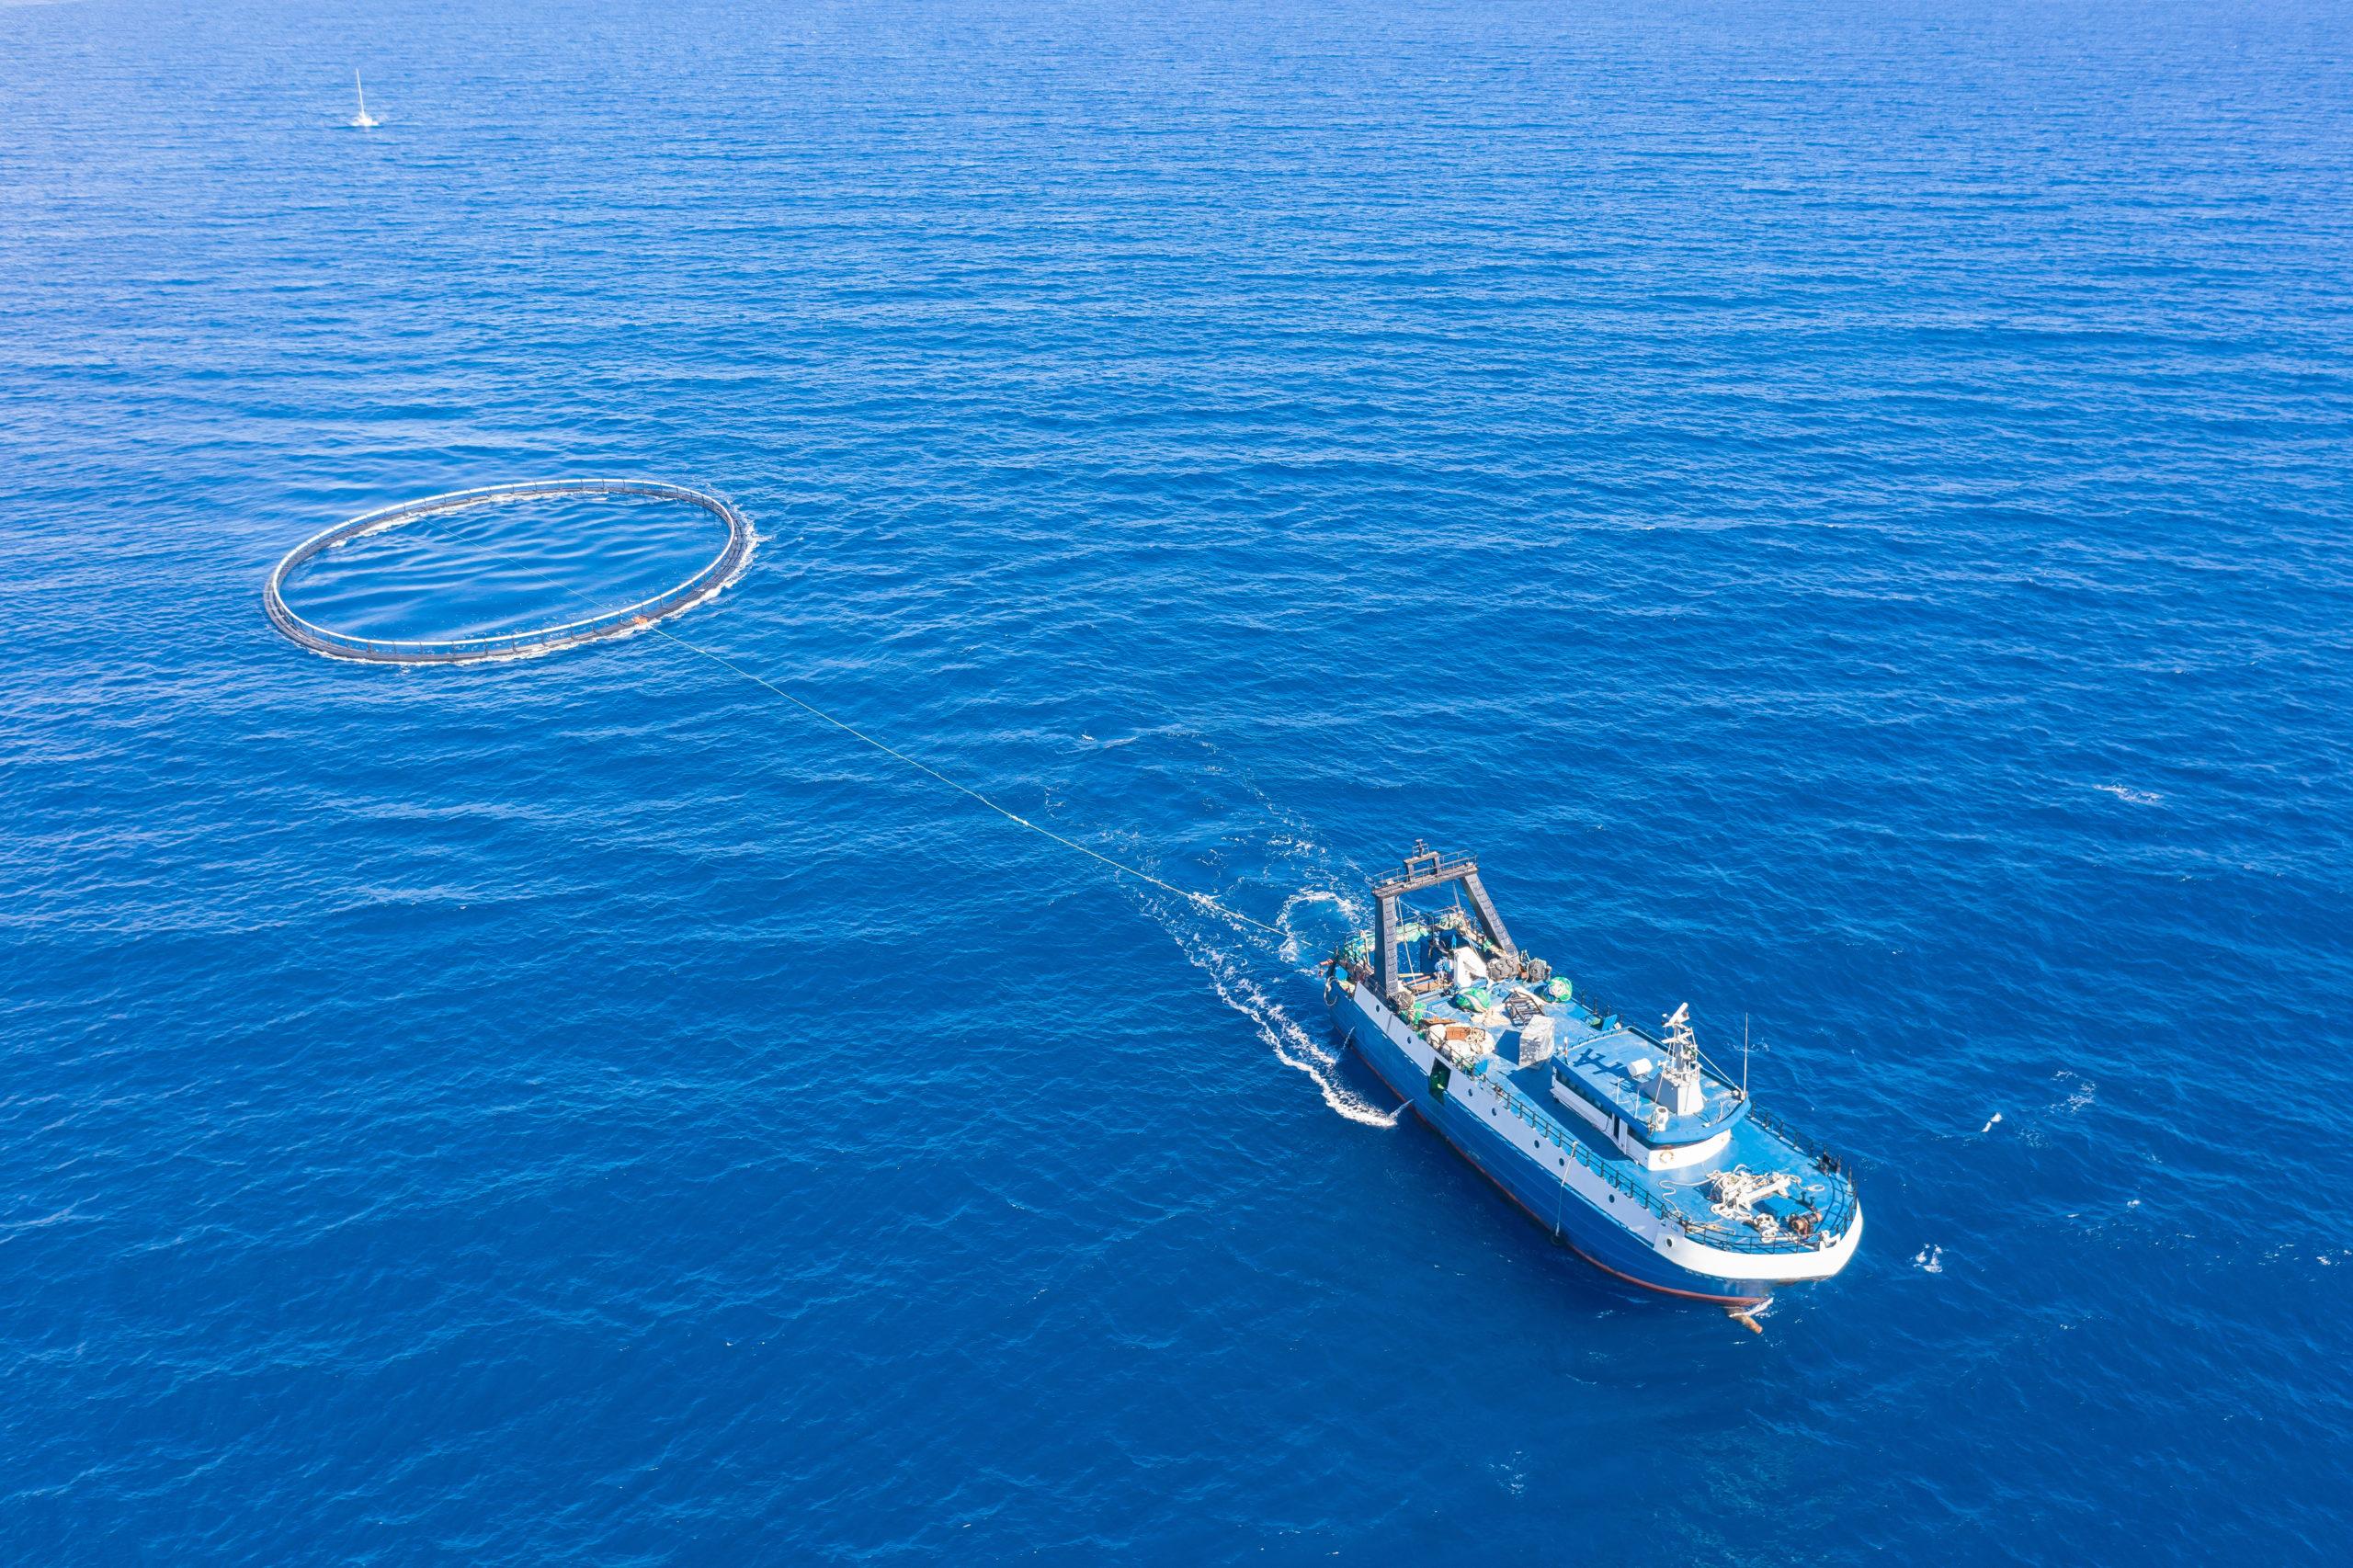 Jaulas de transporte de diferentes medidas para piscifactorias